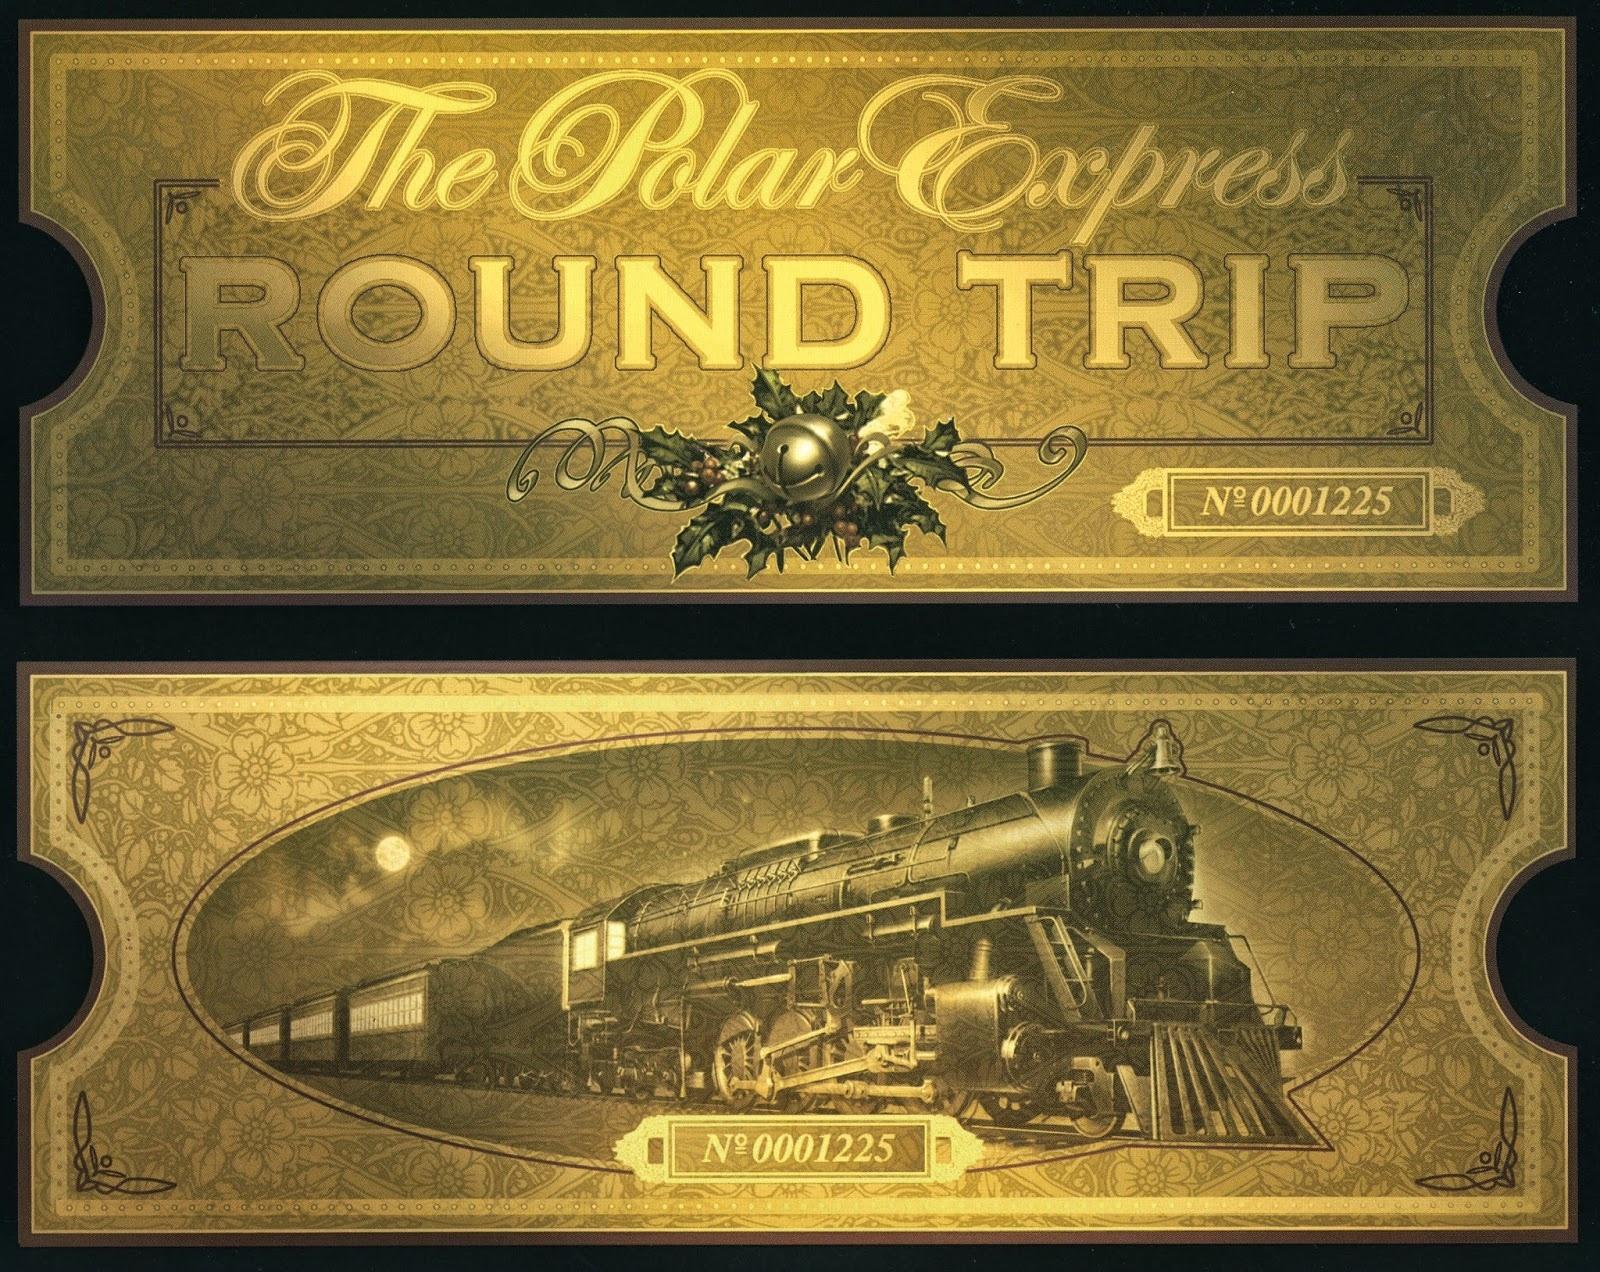 Polar Express Movie Night - Free Printable - Savvy Nana - Polar Express Free Printables